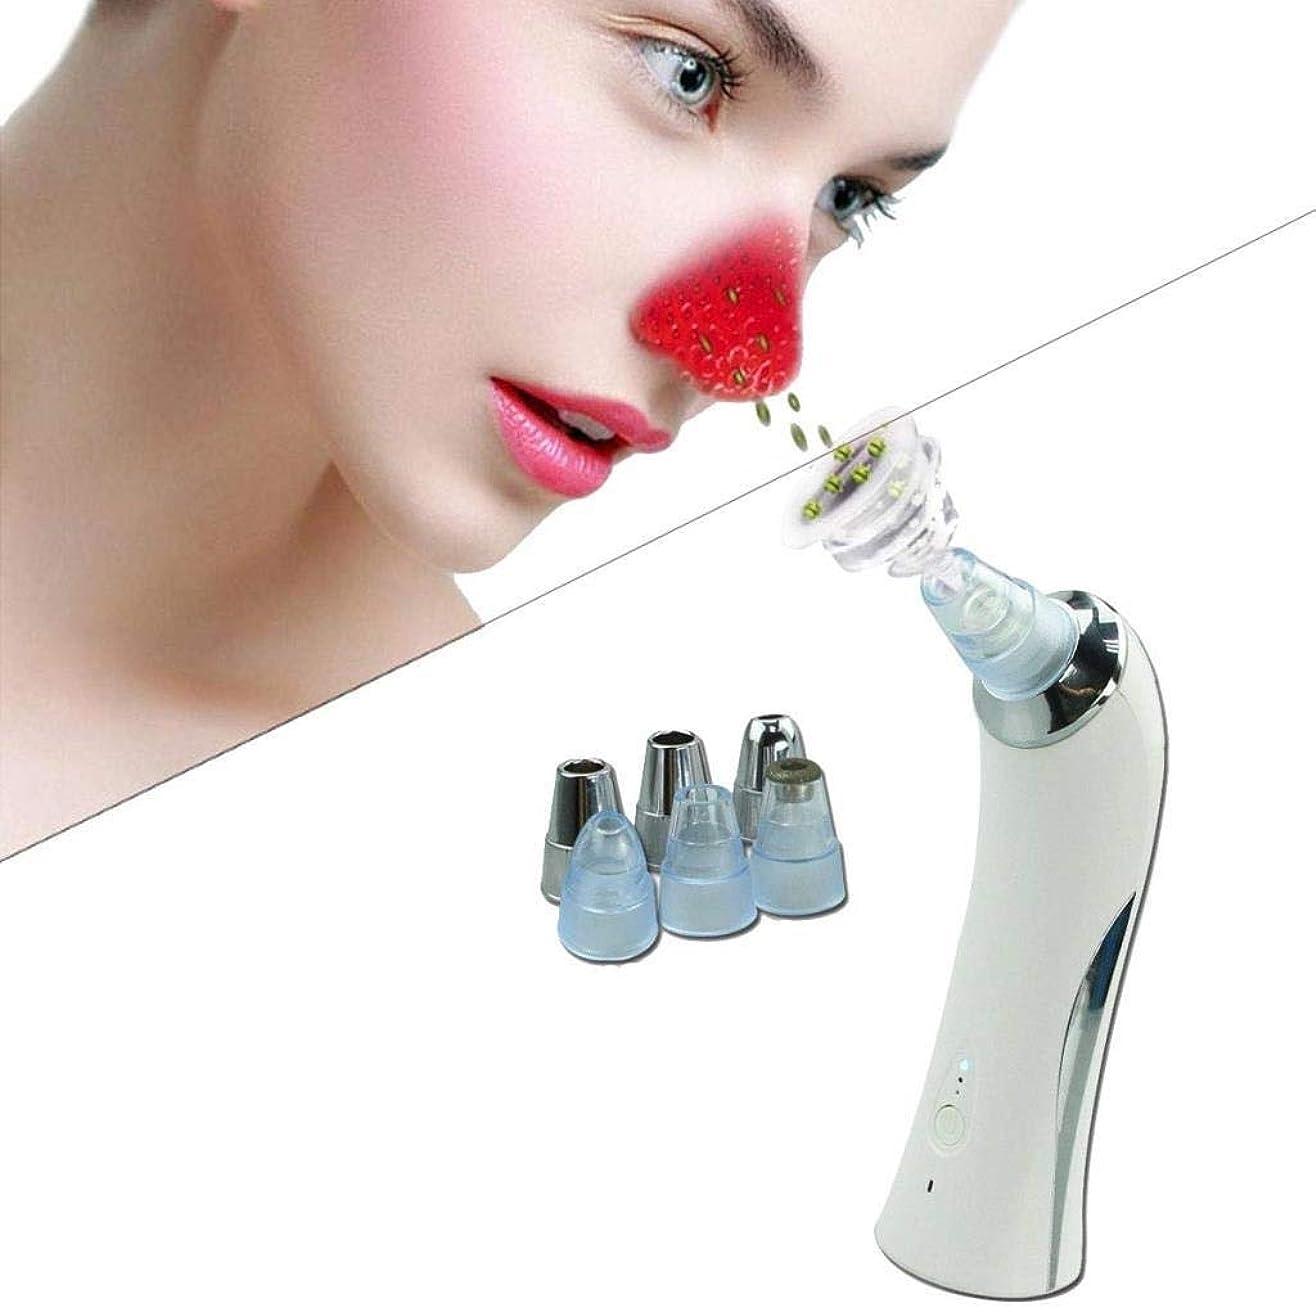 異なる中で消化真空吸引PoreExtractor多機能プローブ電気皮膚ポアクレンザー充電式にきび抽出コメドーン吸引